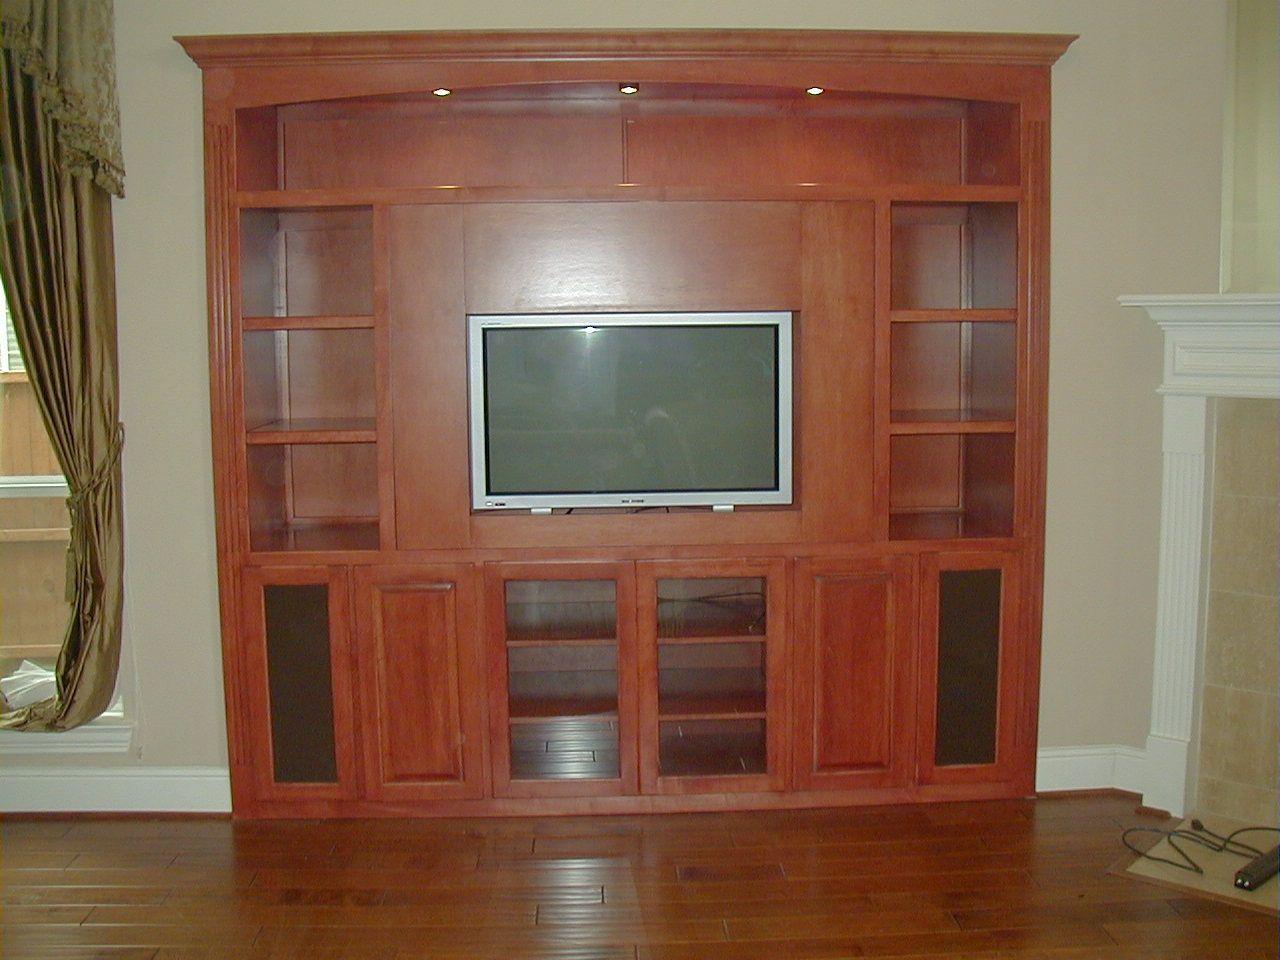 La Credenza Di Fiorenza : Custom maple entertainment center by fiorenza woodworking